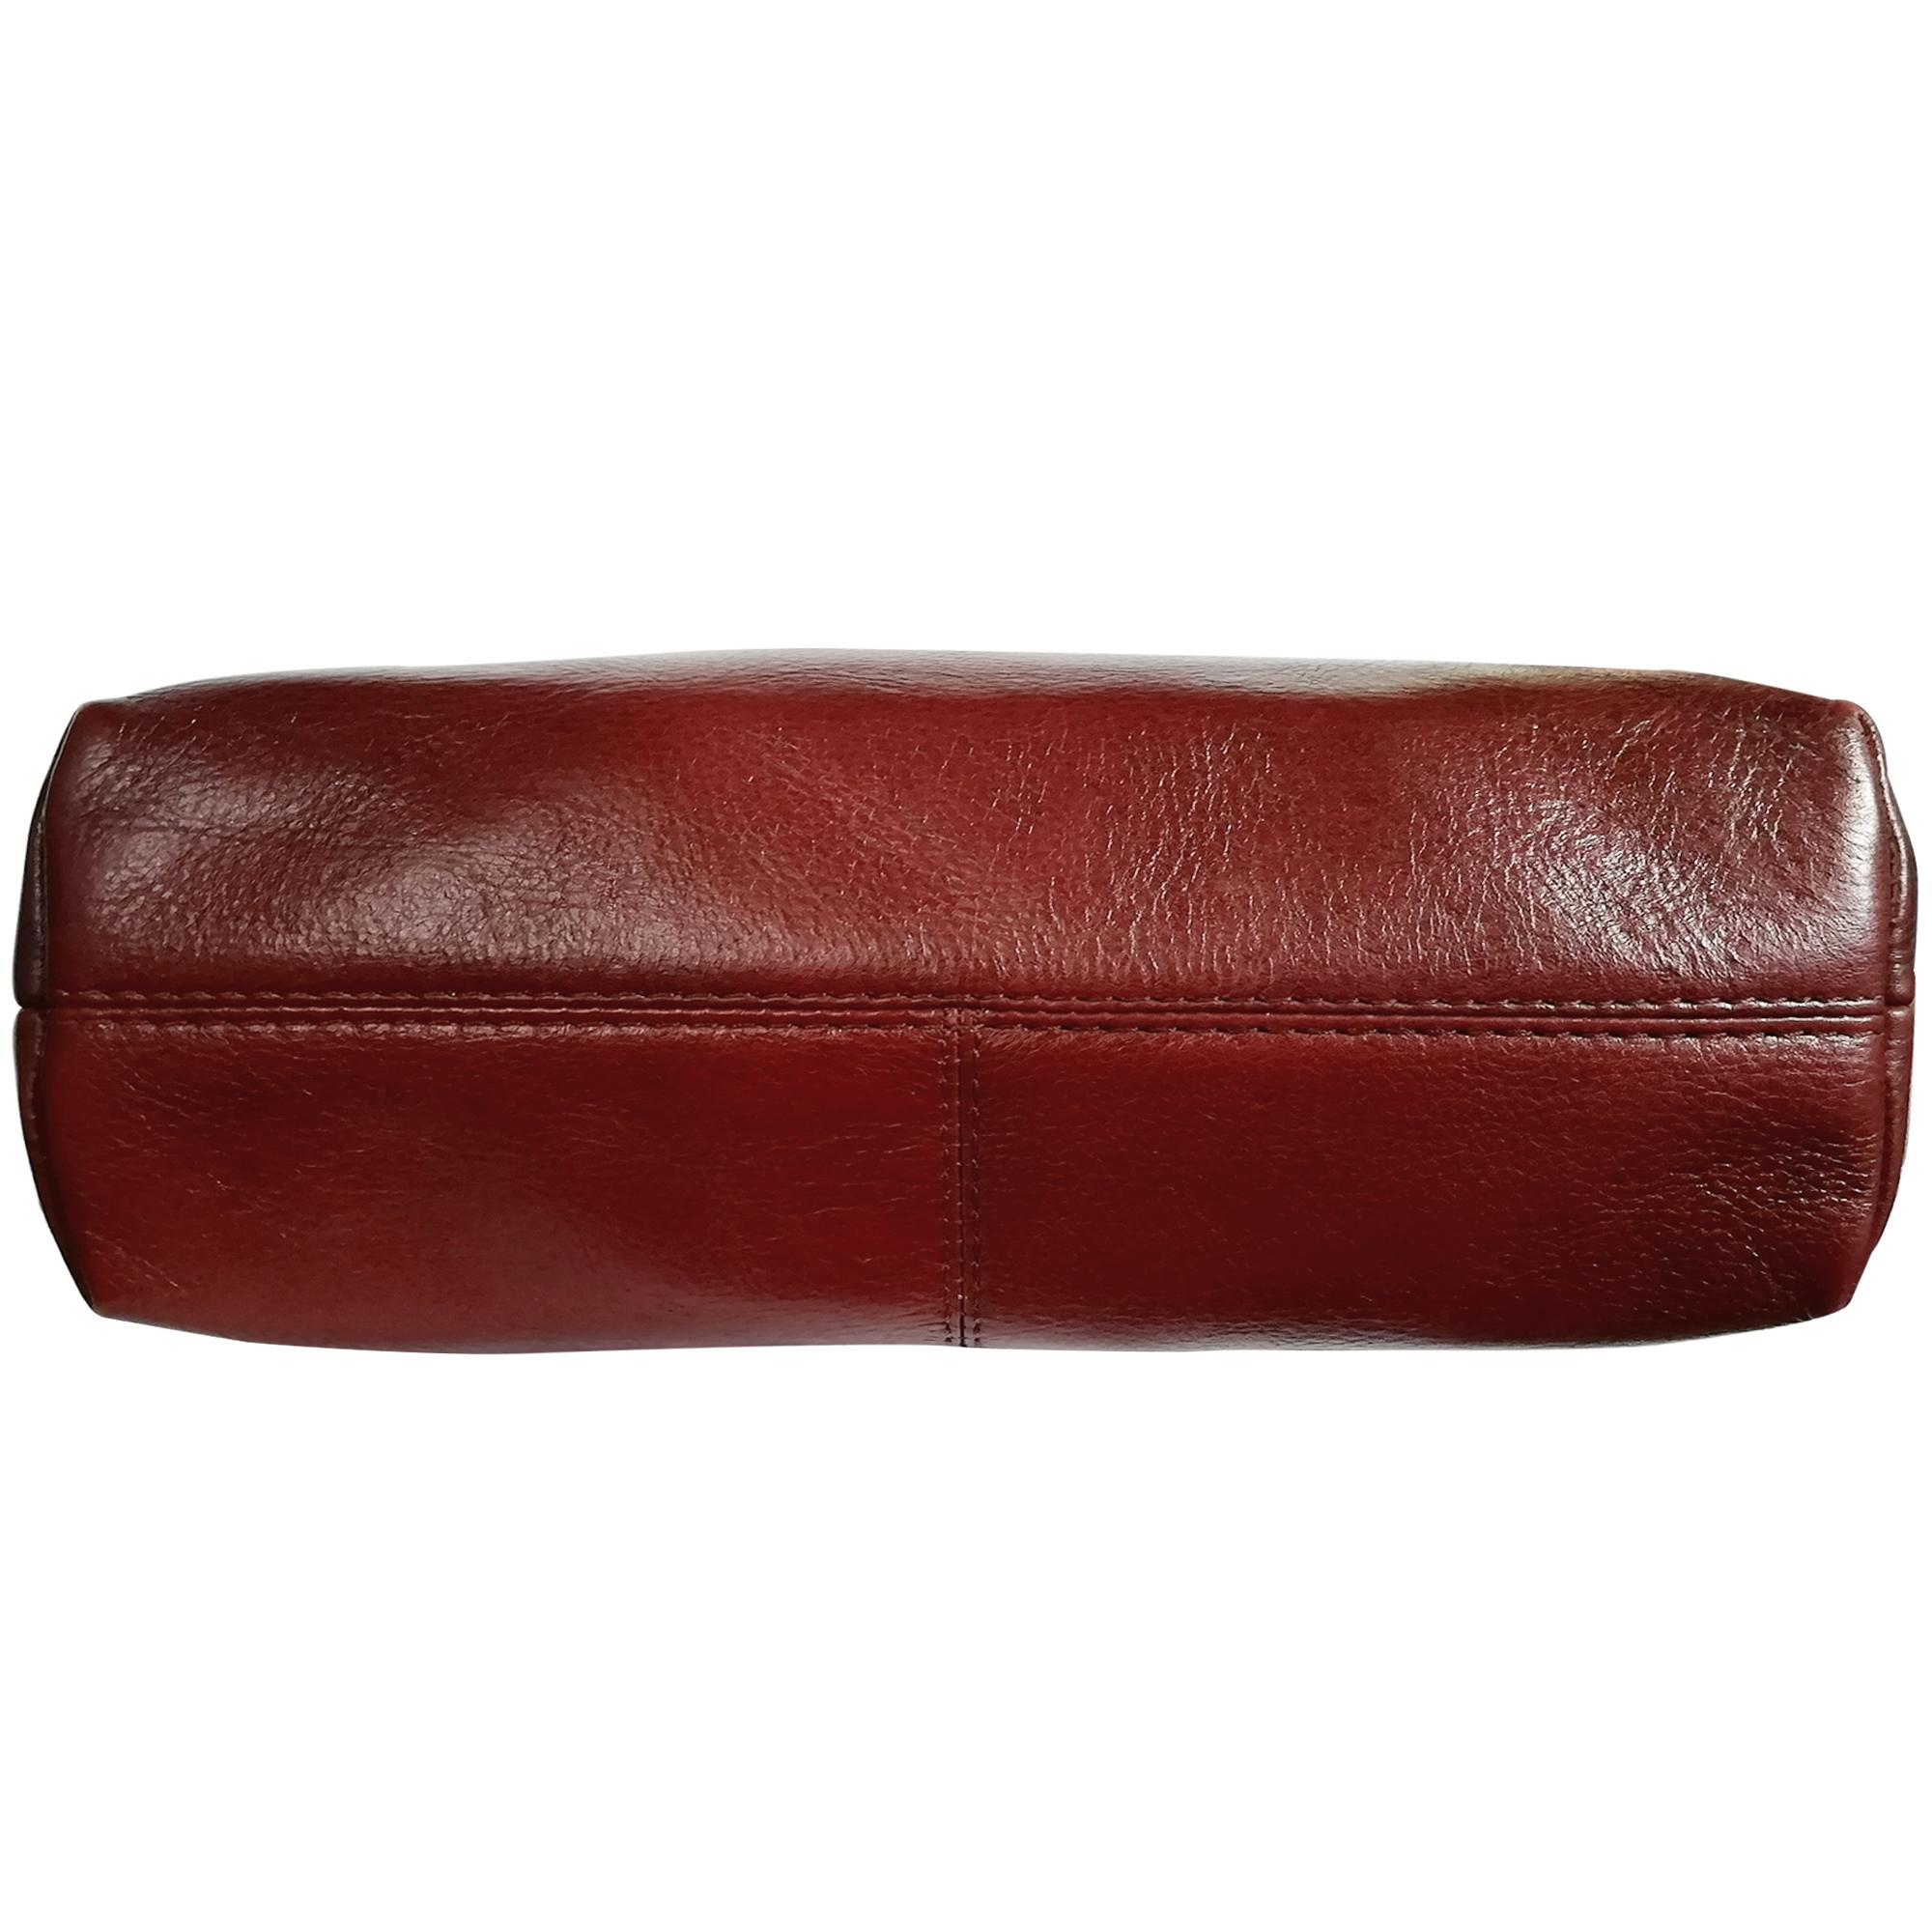 Women Leather Triple Zipper Sling Crossbody Shoulder Bag